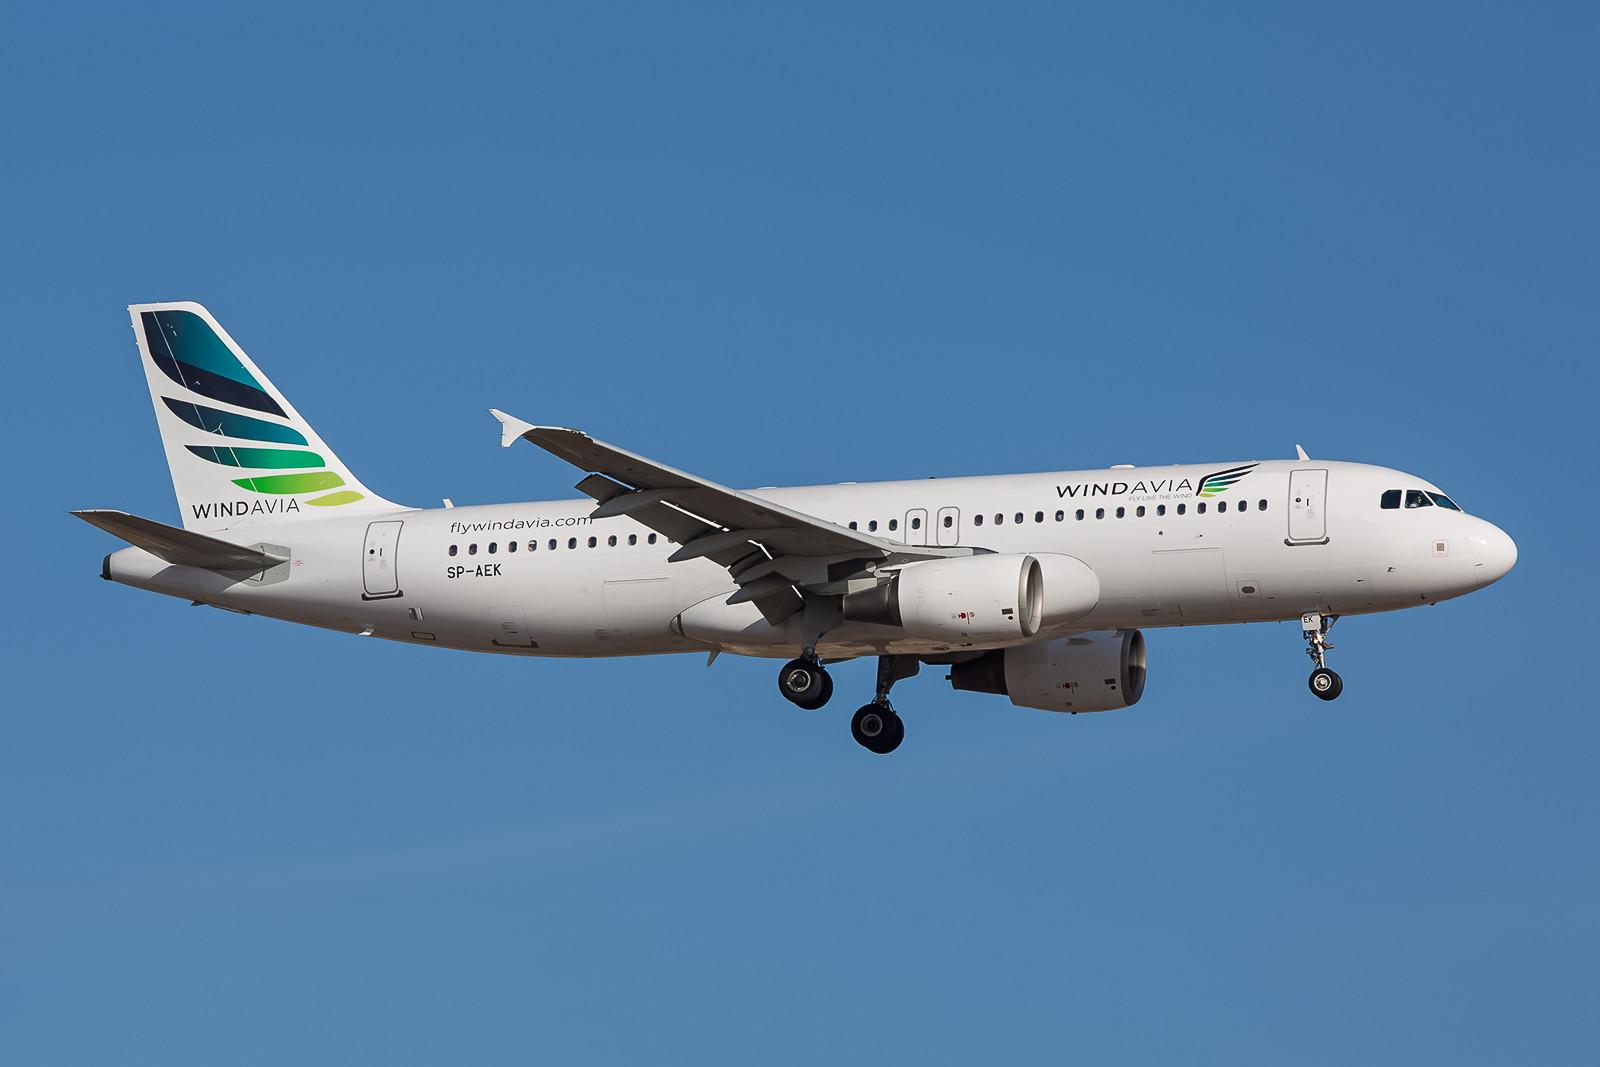 Chartergesellschaften haben in Polen derzeit Konjunktur, dieser Airbus A320 wird eigentlich von Bingo Air betrieben. Sein sehr bewegtes Vorleben began 2001 bei Sabena in Belgien.